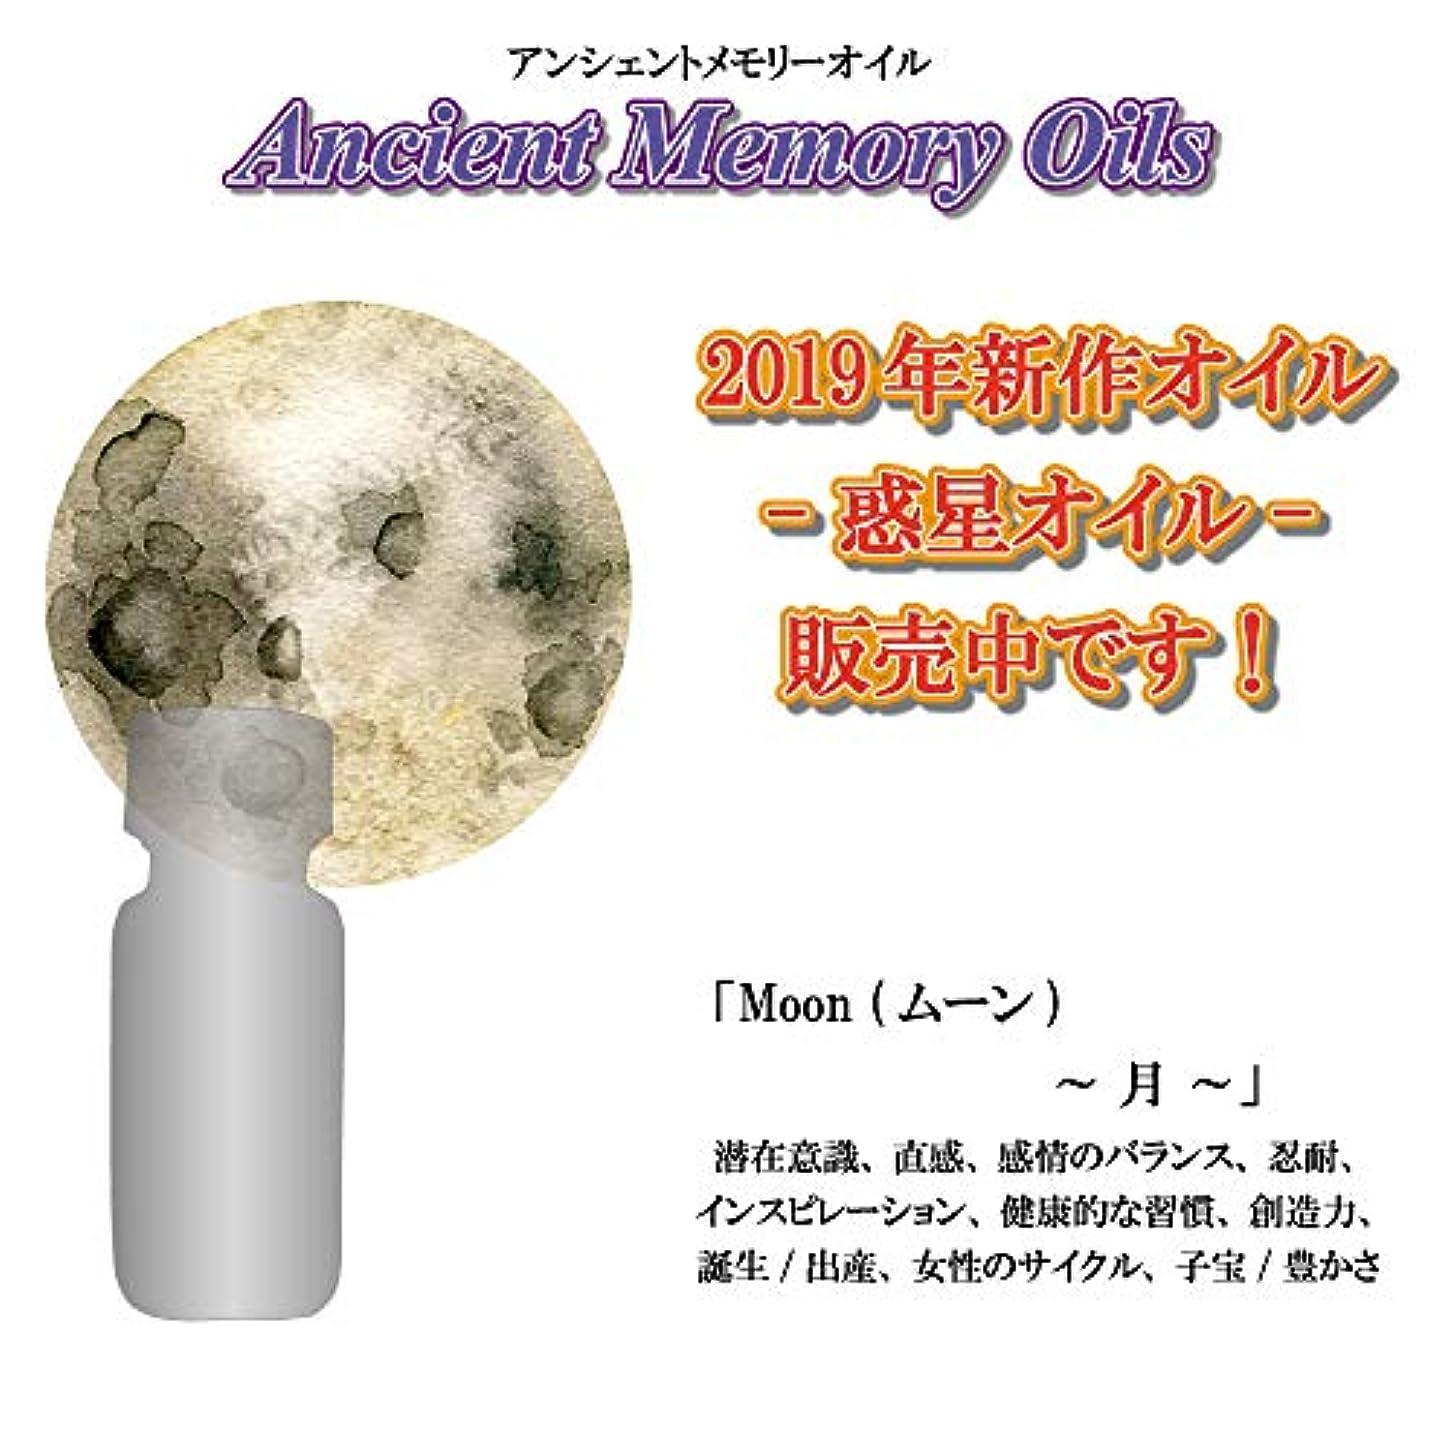 フェザー報奨金ツールSEDONA Ancient Memory Oils セドナ アンシェントメモリーオイル 惑星オイル Moon 月 ムーン 15ml